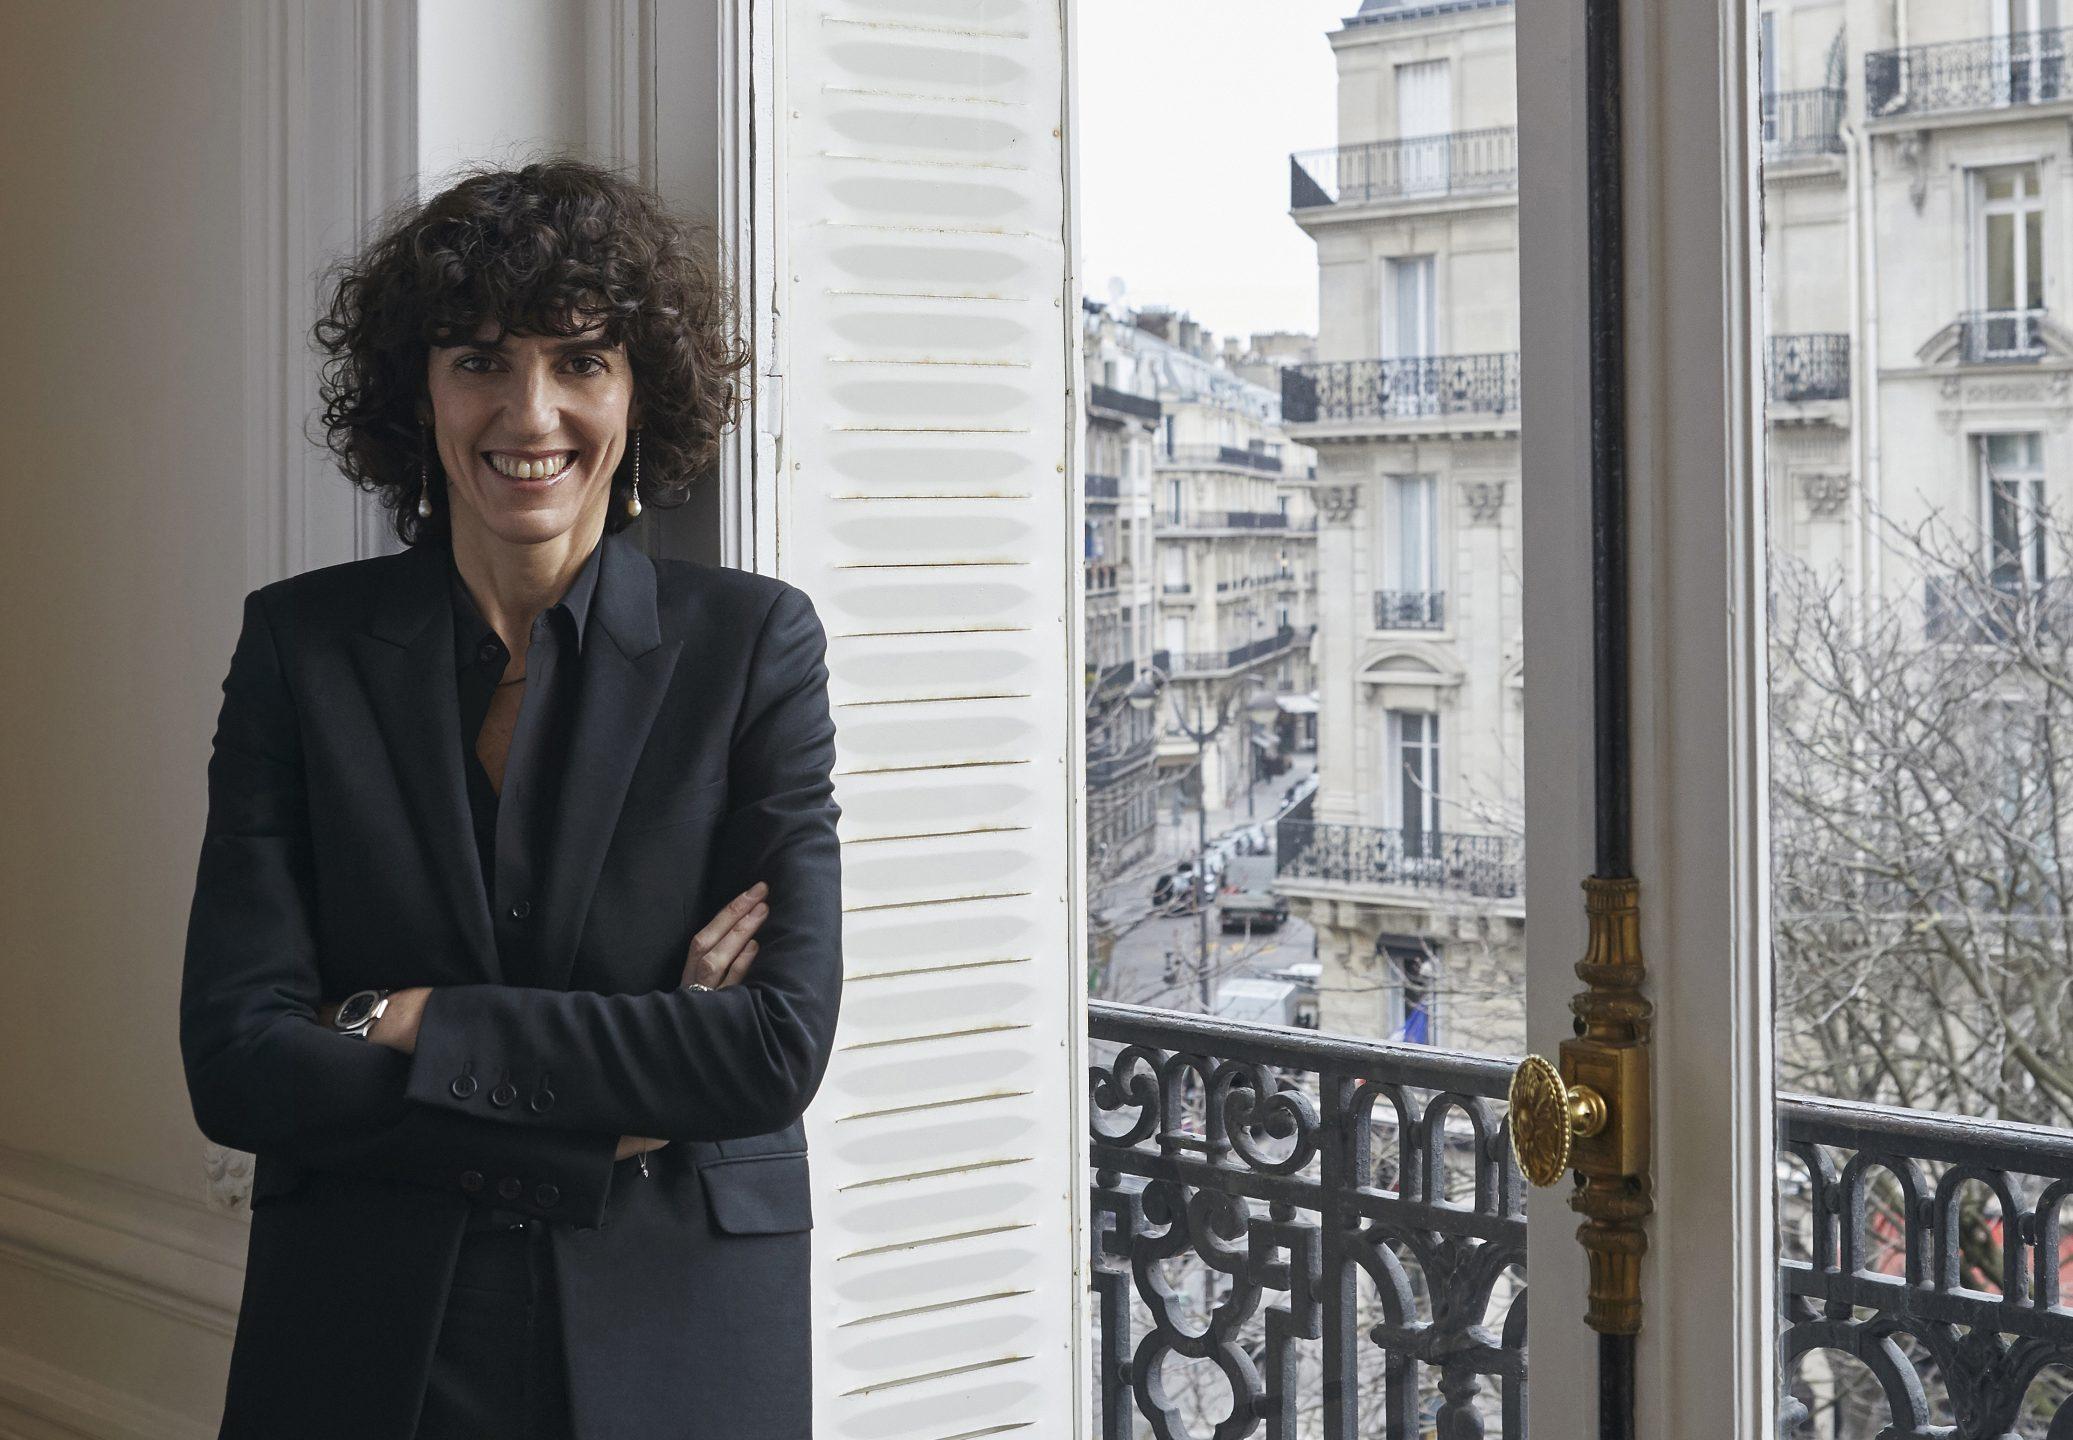 Francesca Bellettini, CEO of Saint Laurent